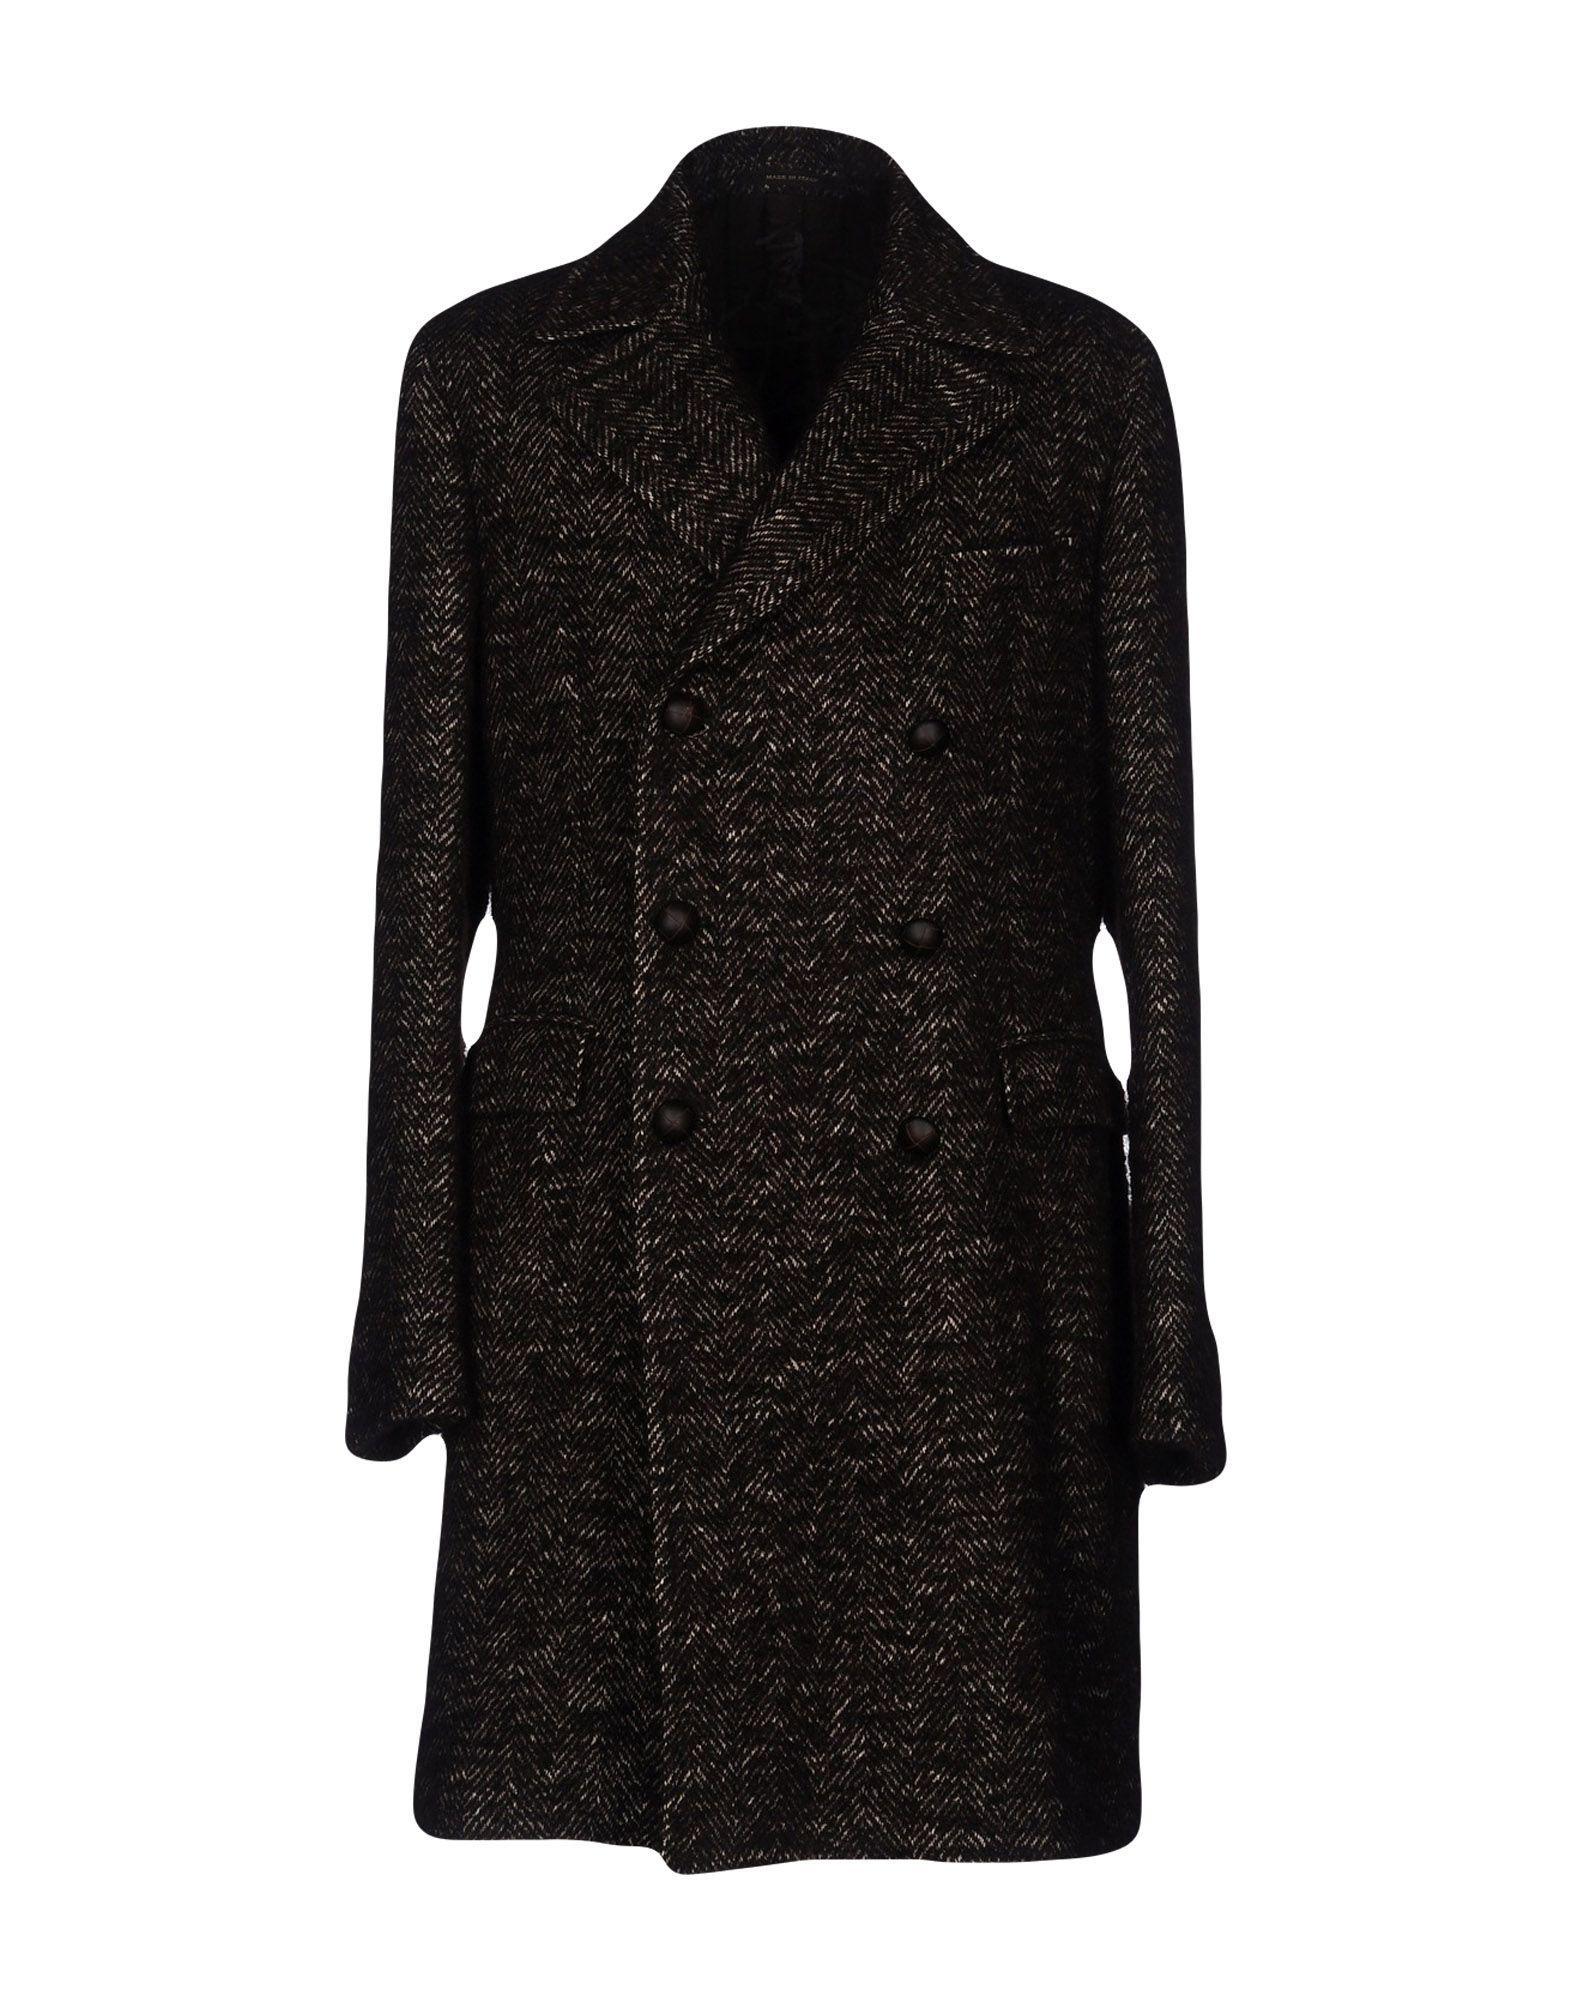 Tagliatore Coats In Dark Brown